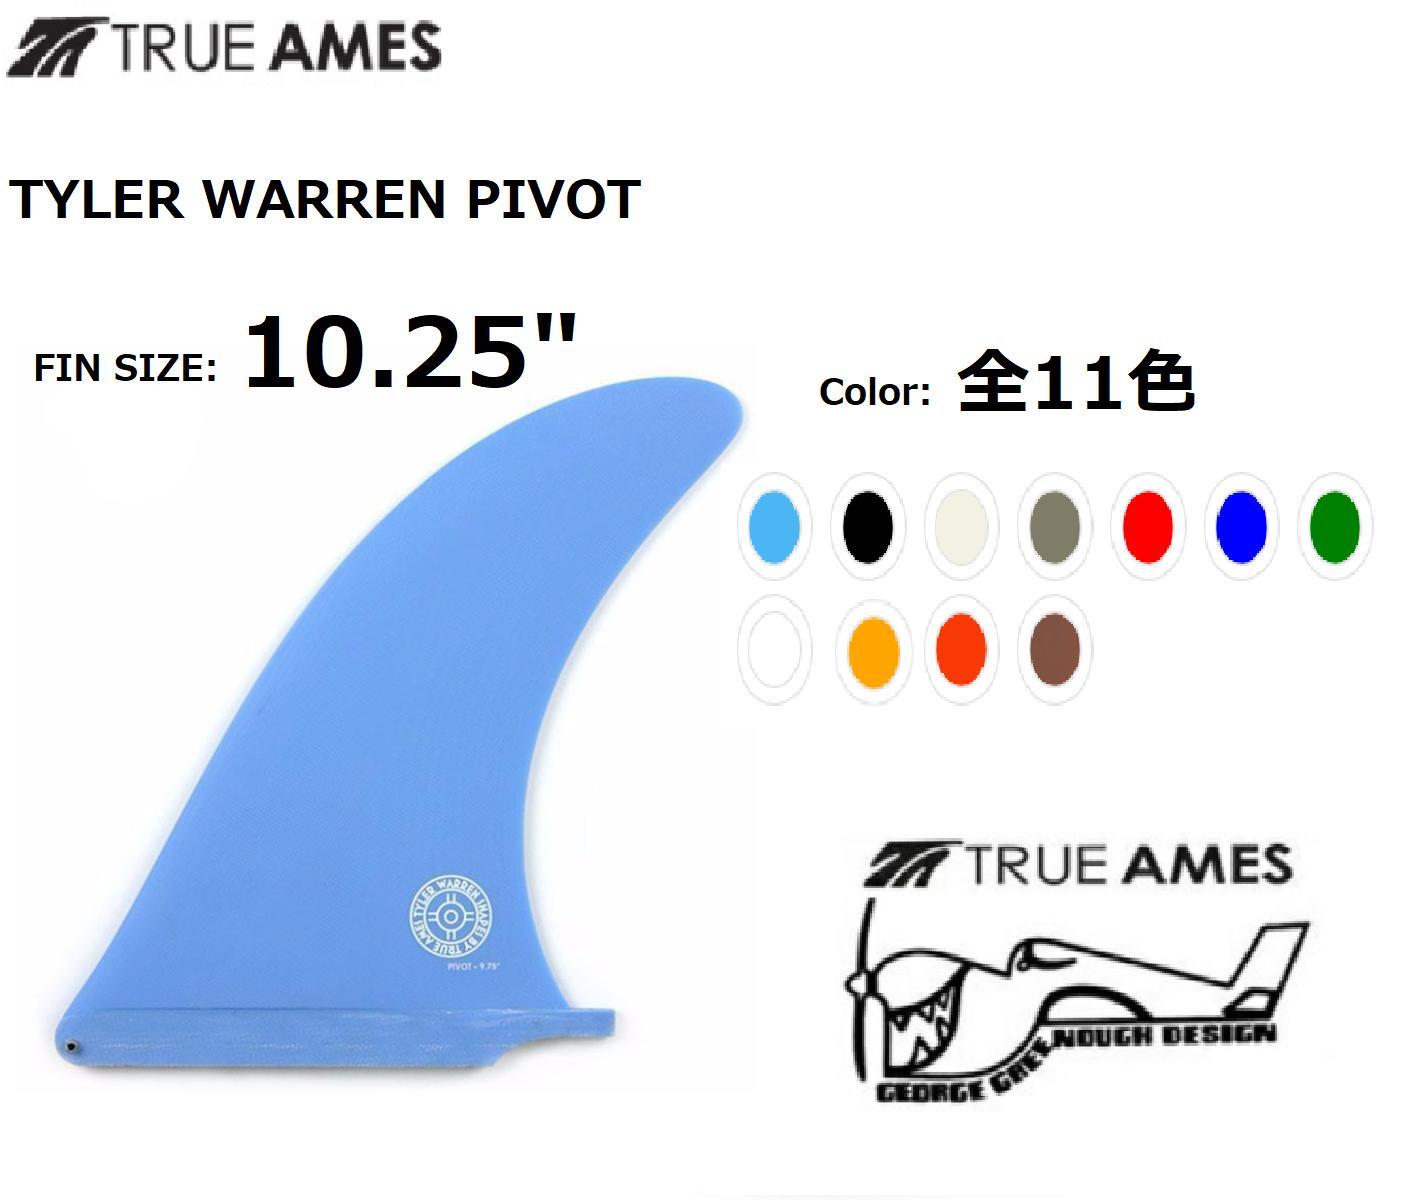 老舗カリフォルニアフィンブランド TRUE AMES トゥルーアムス からTyler Warren タイラーウォーレン デザインのピボット シングルフィン発売!Tyler Warren Pivot 10.25